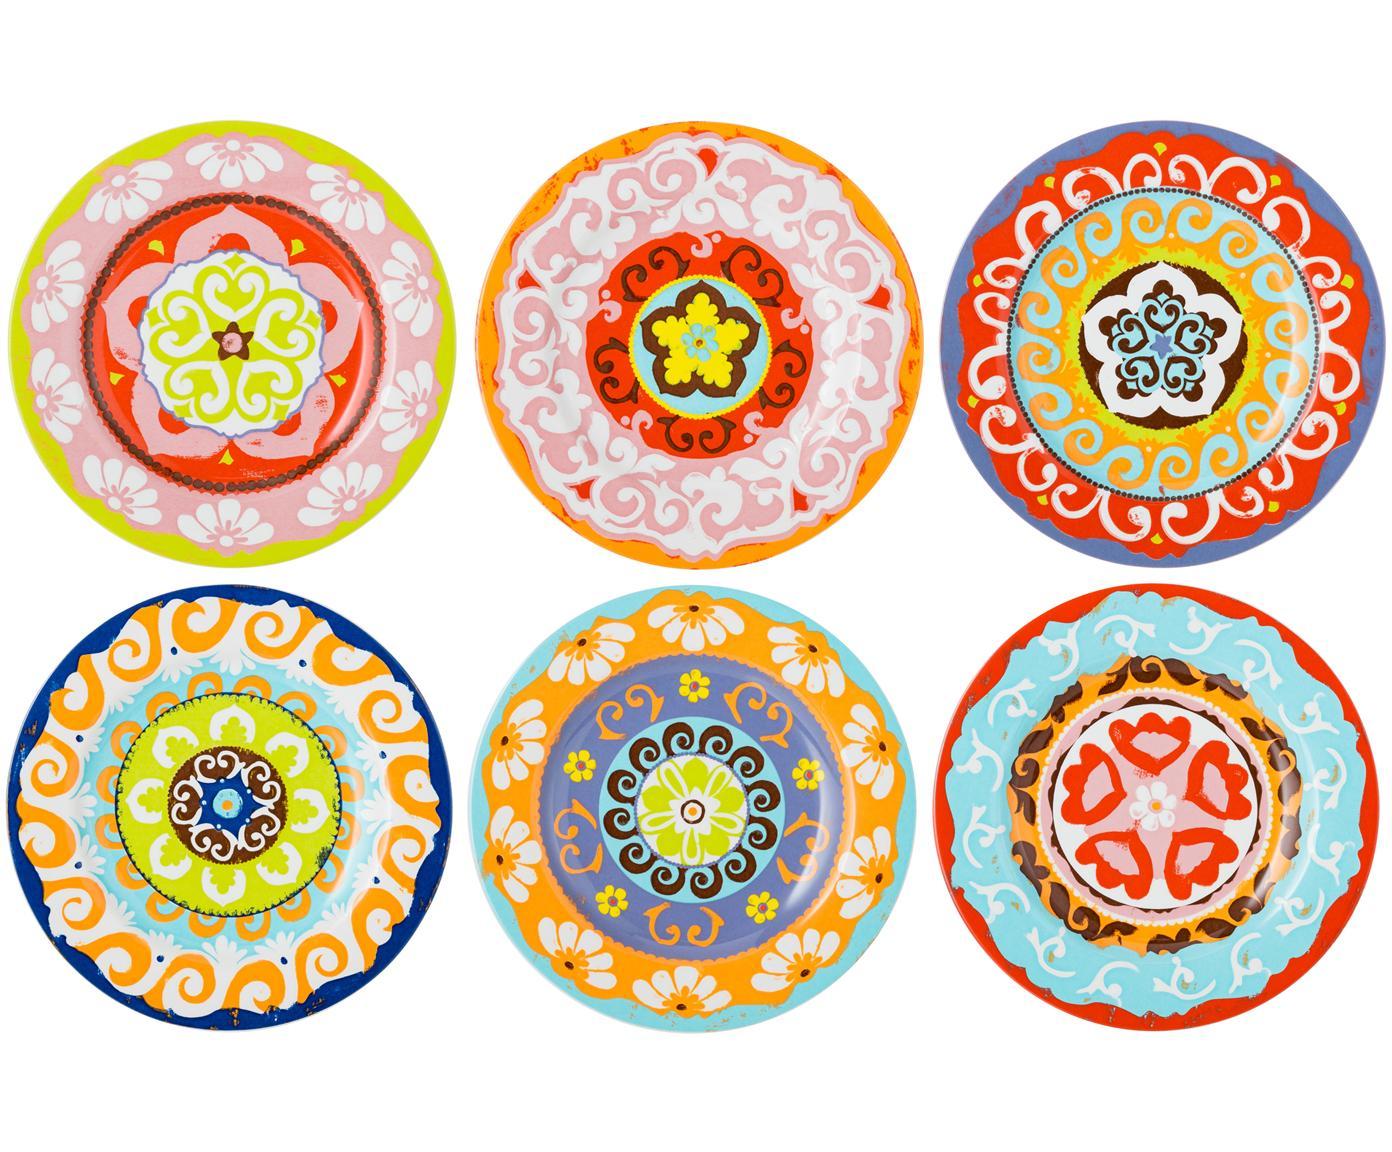 Komplet talerzy śniadaniowych Nador, 6 elem., Kamionka, Wielobarwny, Ø 21 cm